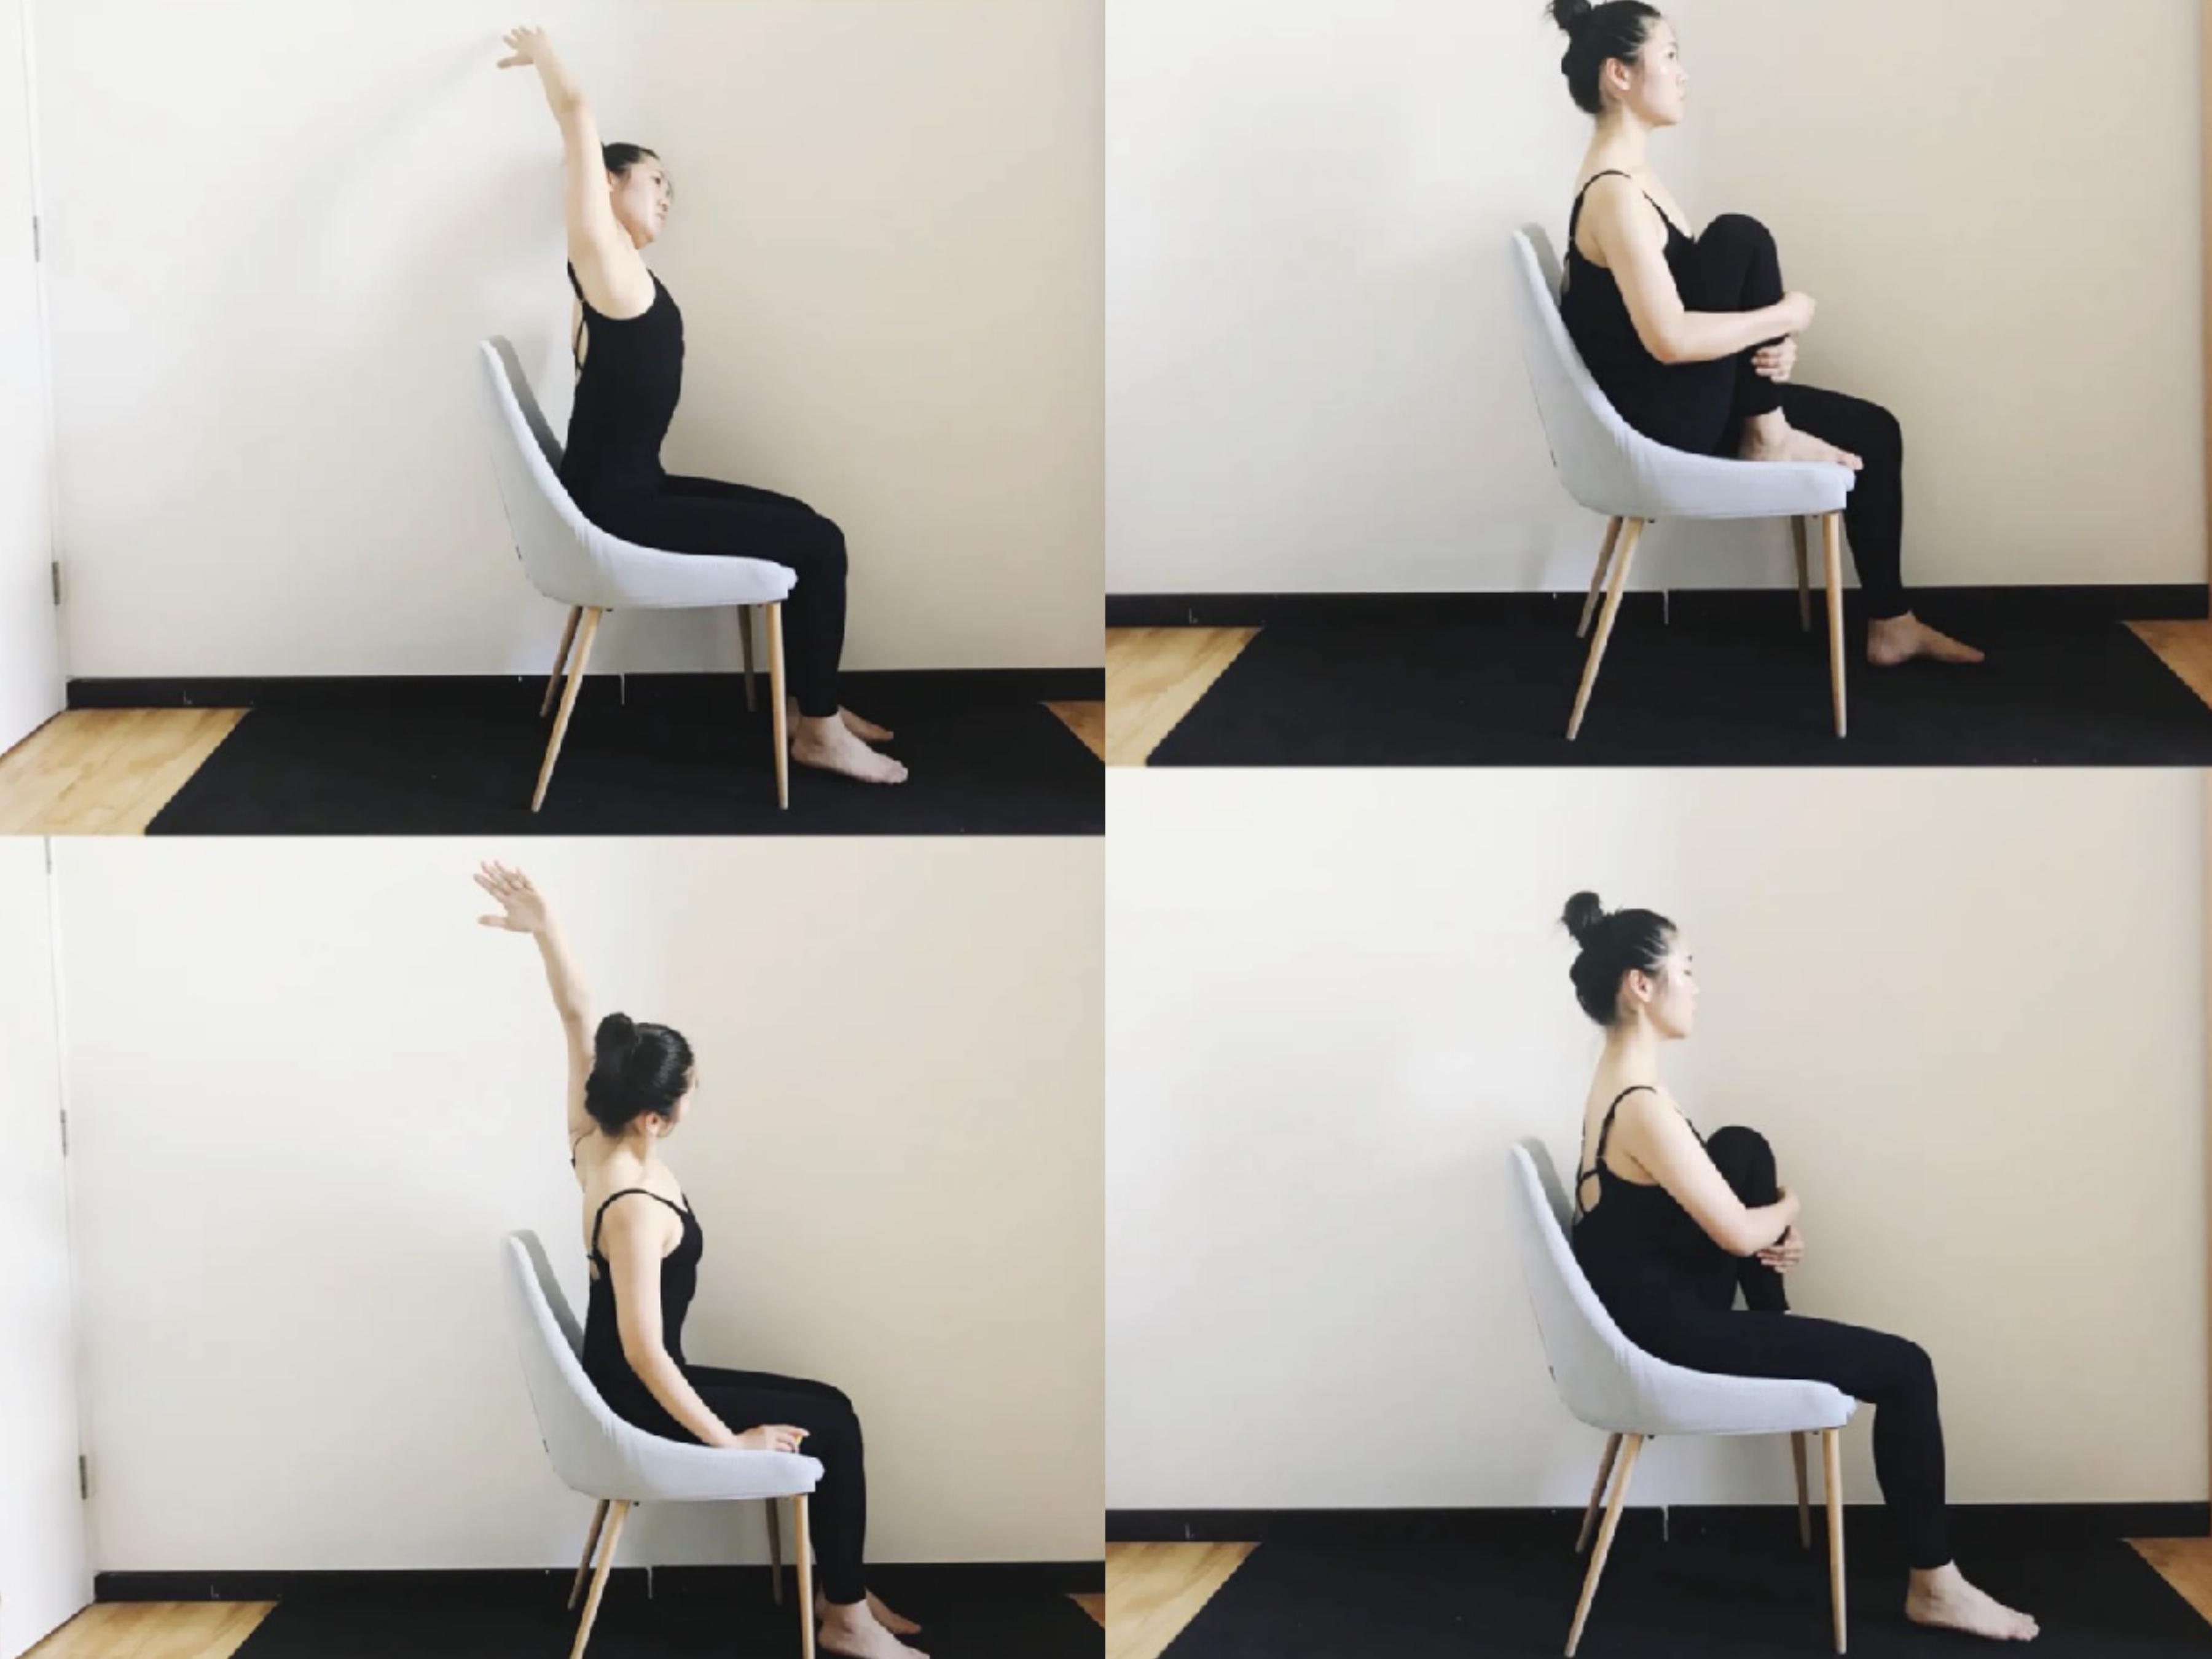 用椅子+瑜珈墊,放鬆伸展,腰腿細、頸椎好